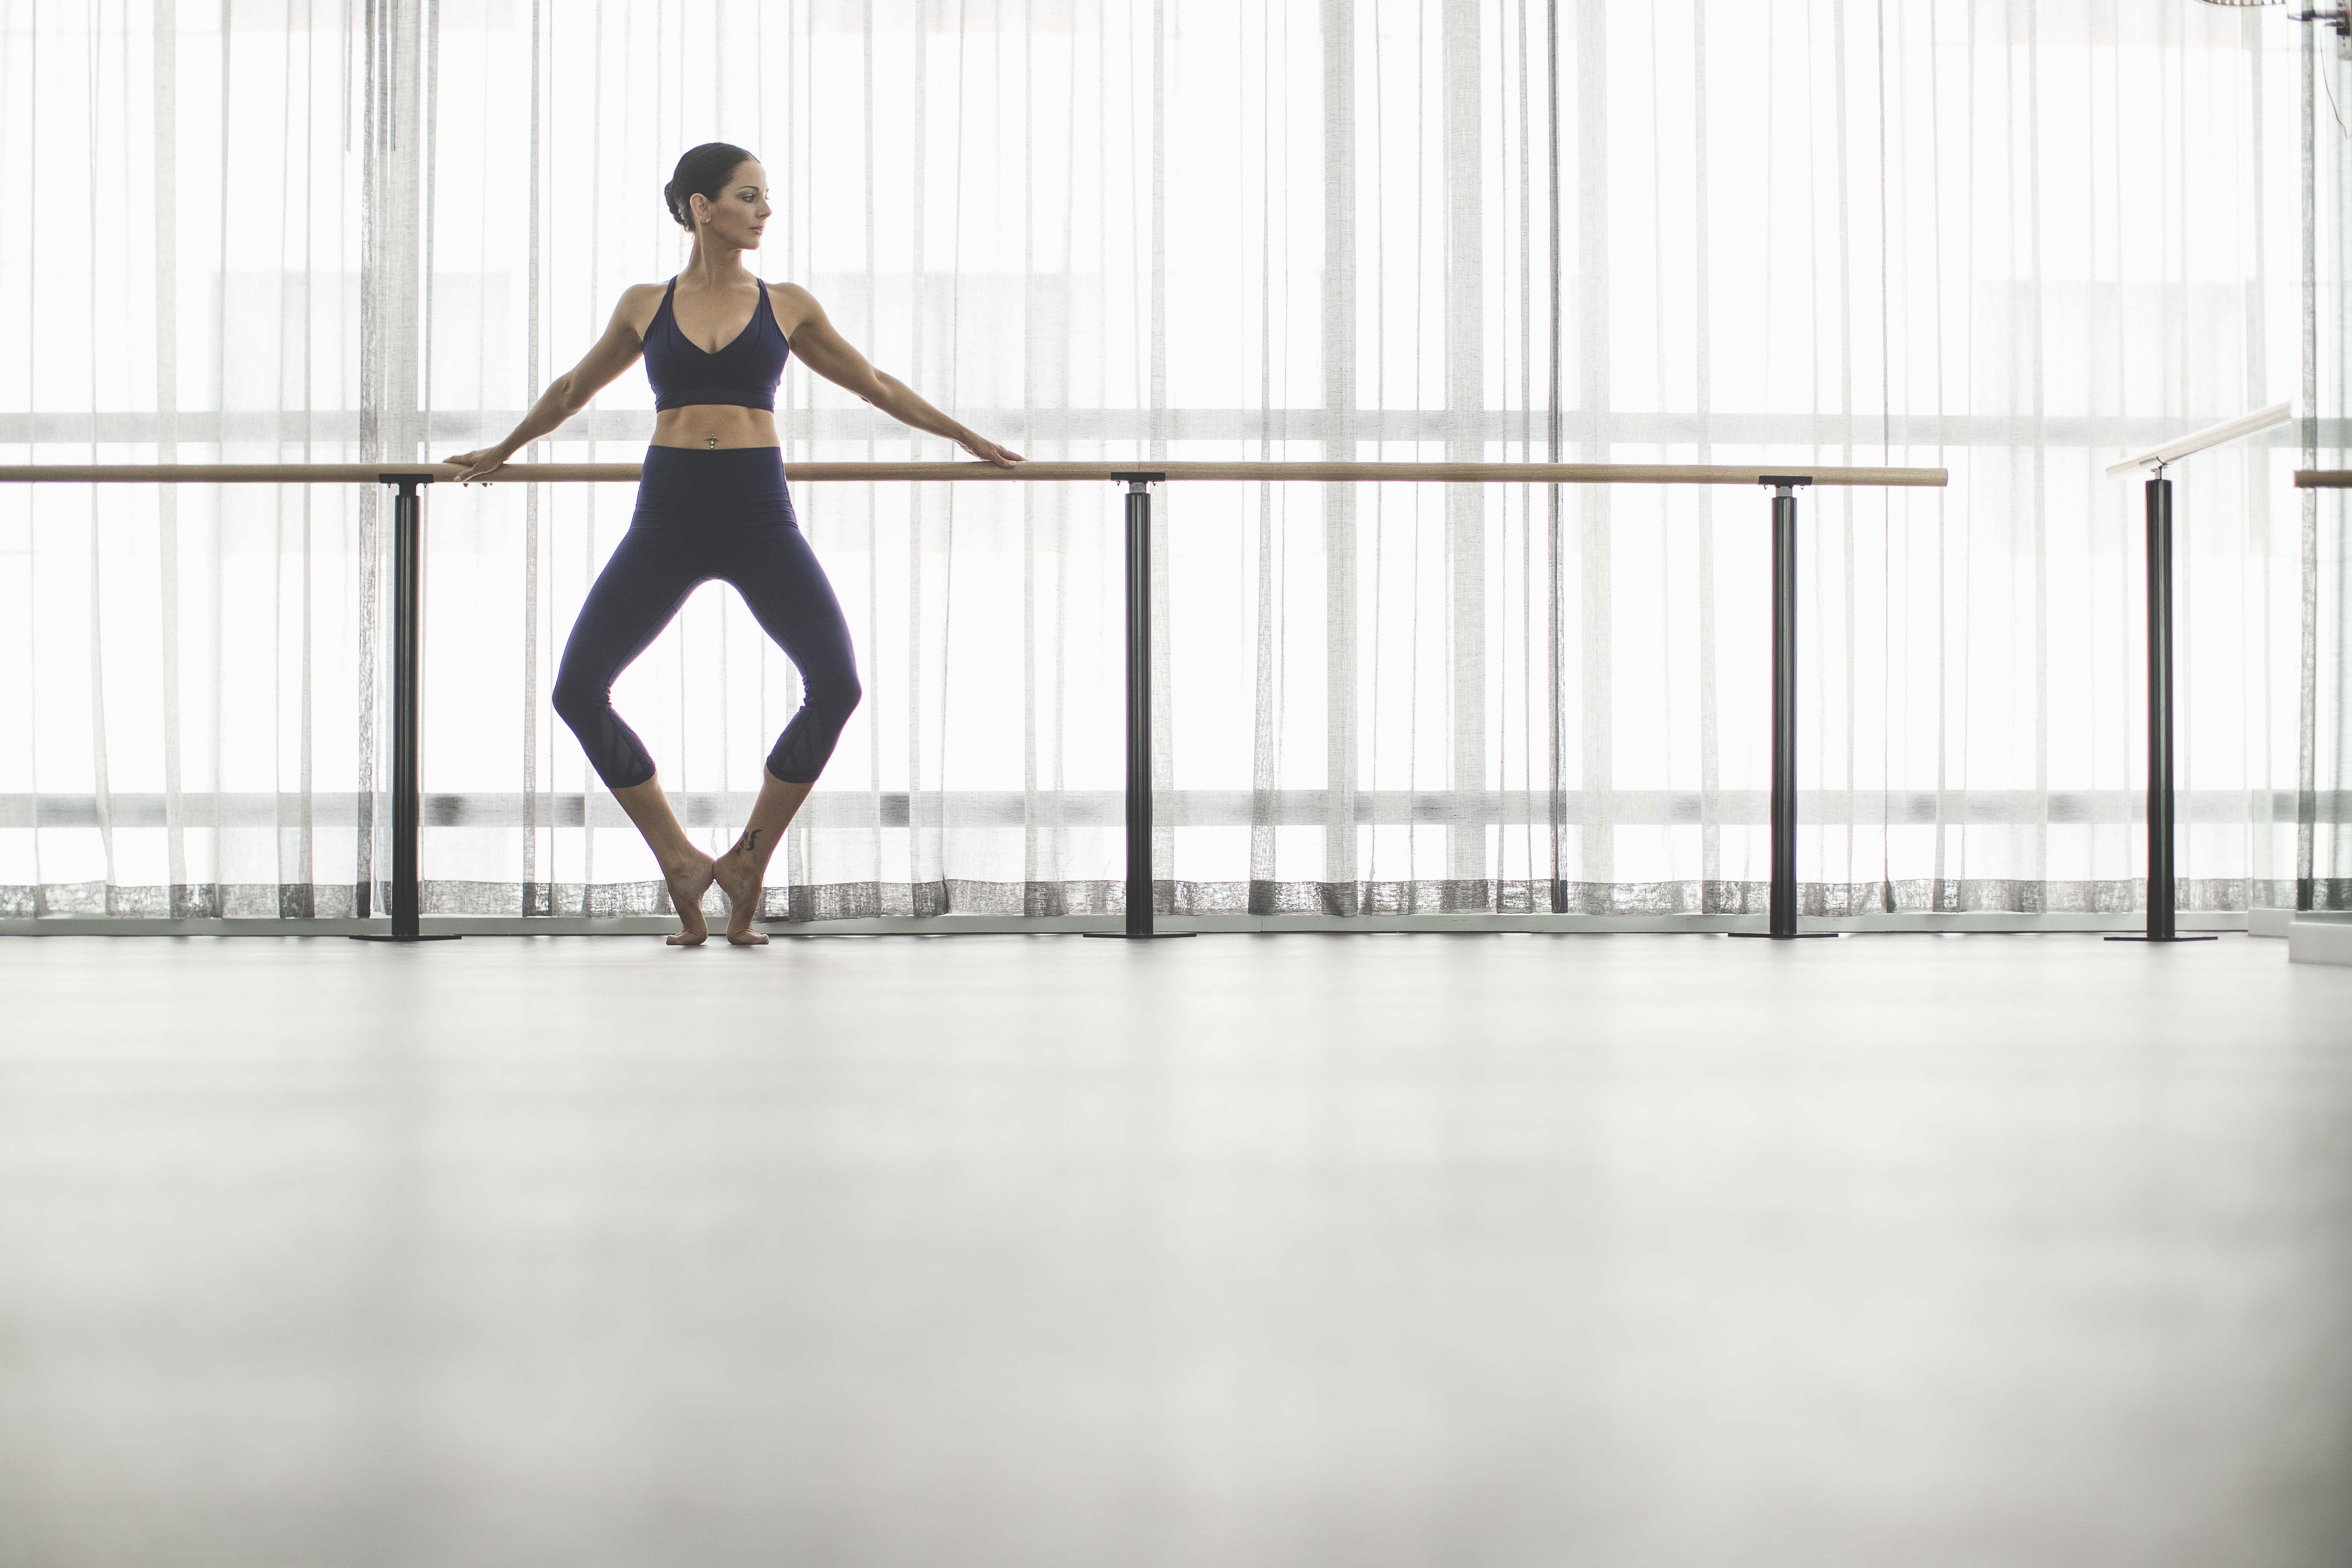 fullrez-2016_wk35_sec1_1068_lulu_aus_mk_womens_essential_rhythm_dance_barre_workout_4141